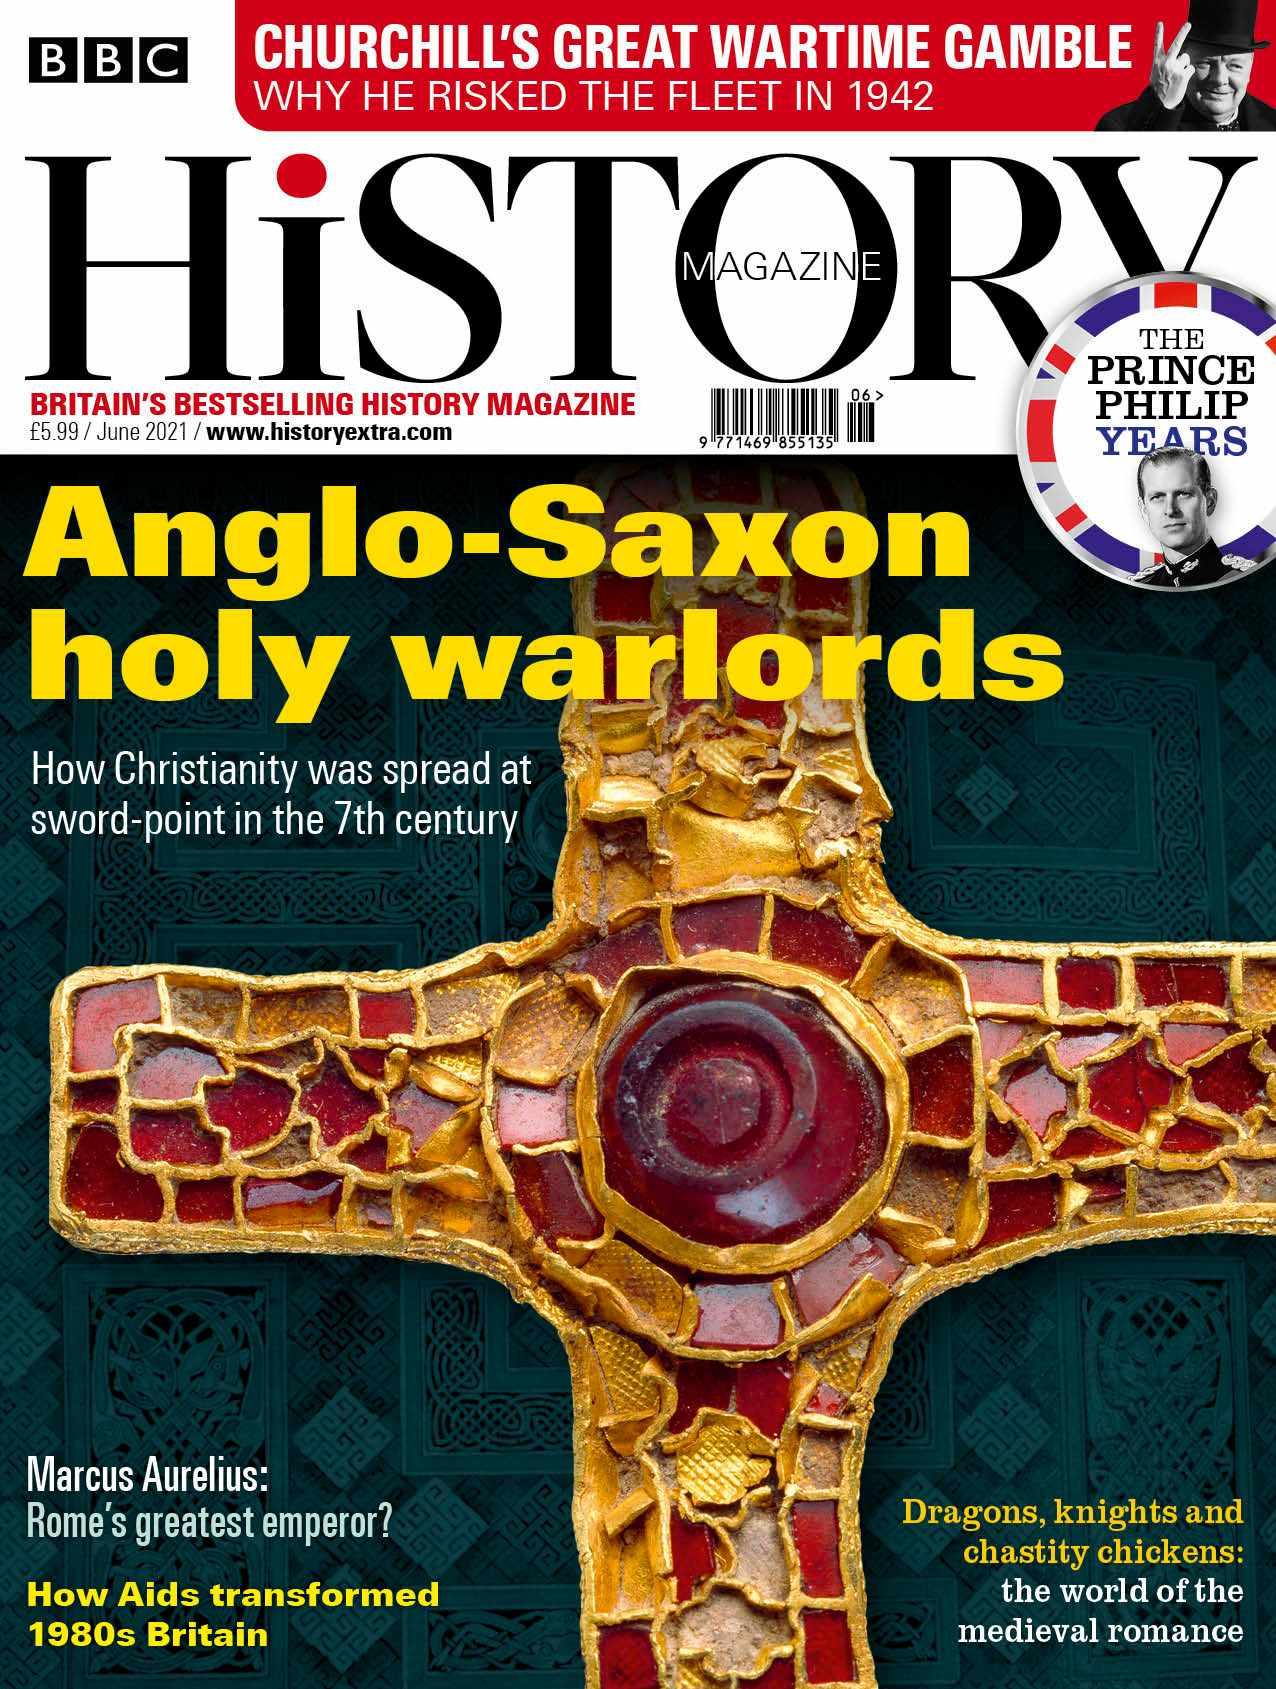 BBC History Magazine June 2021